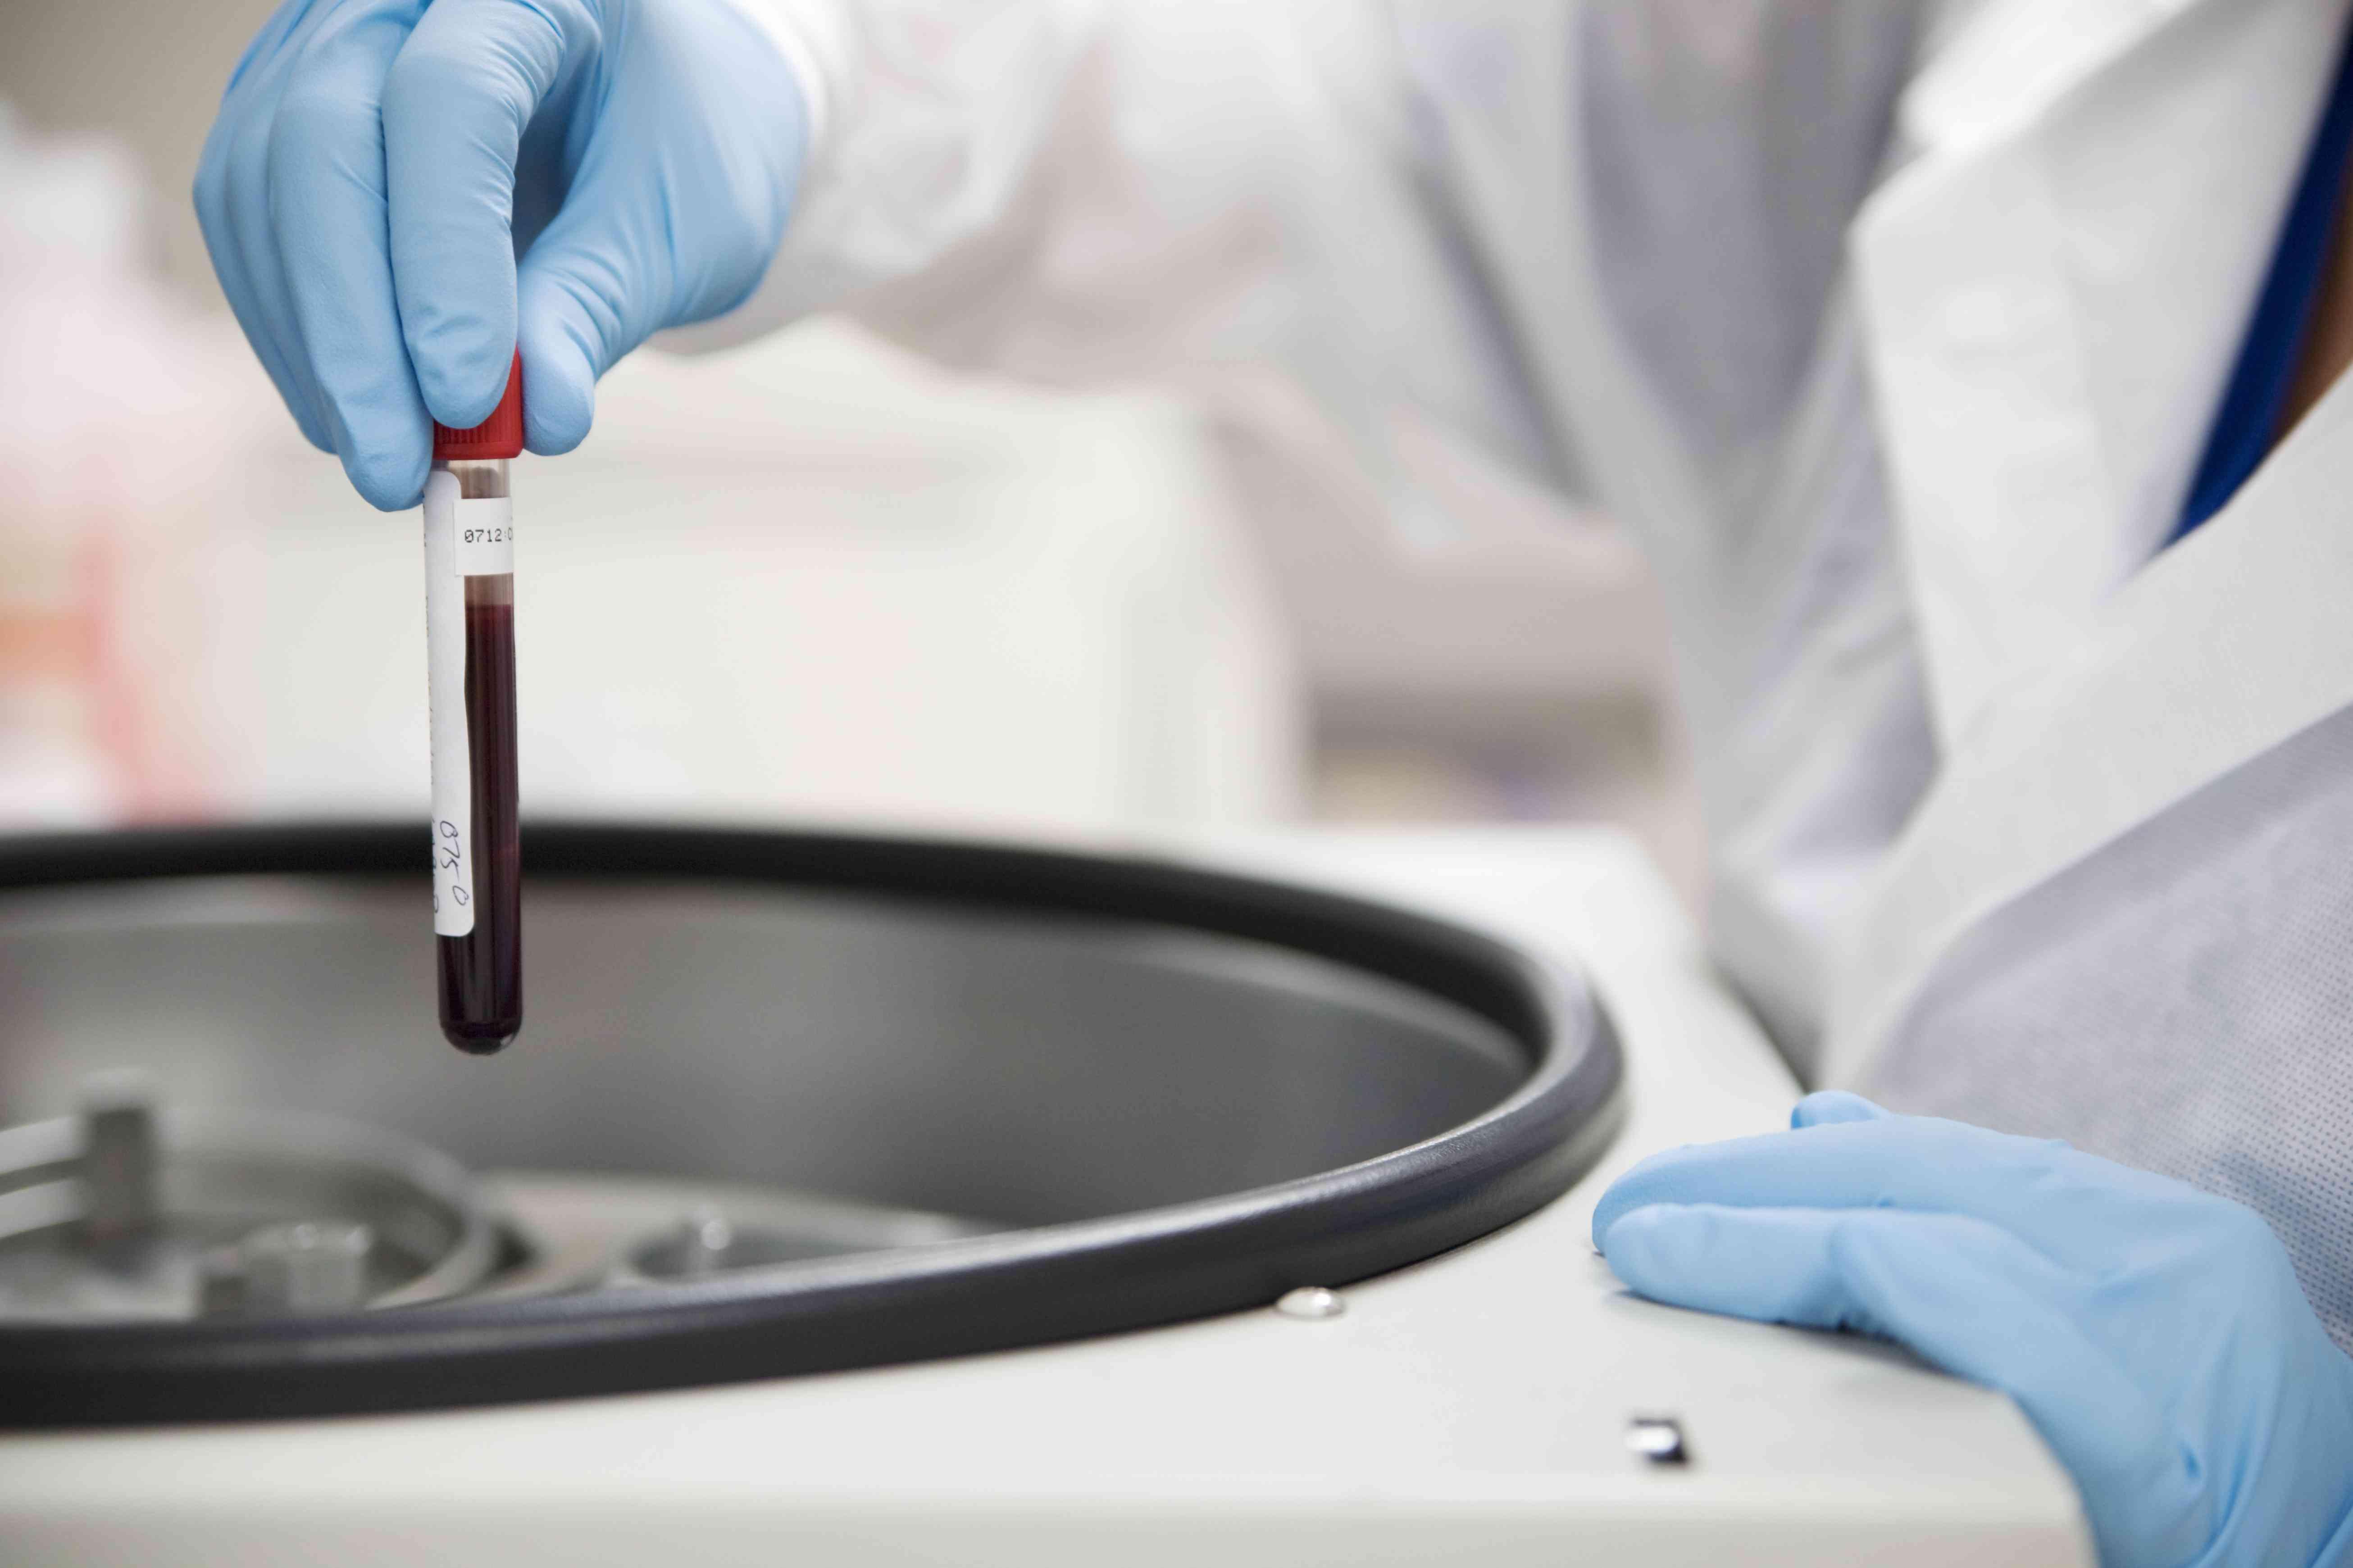 Lab worker handling blood sample